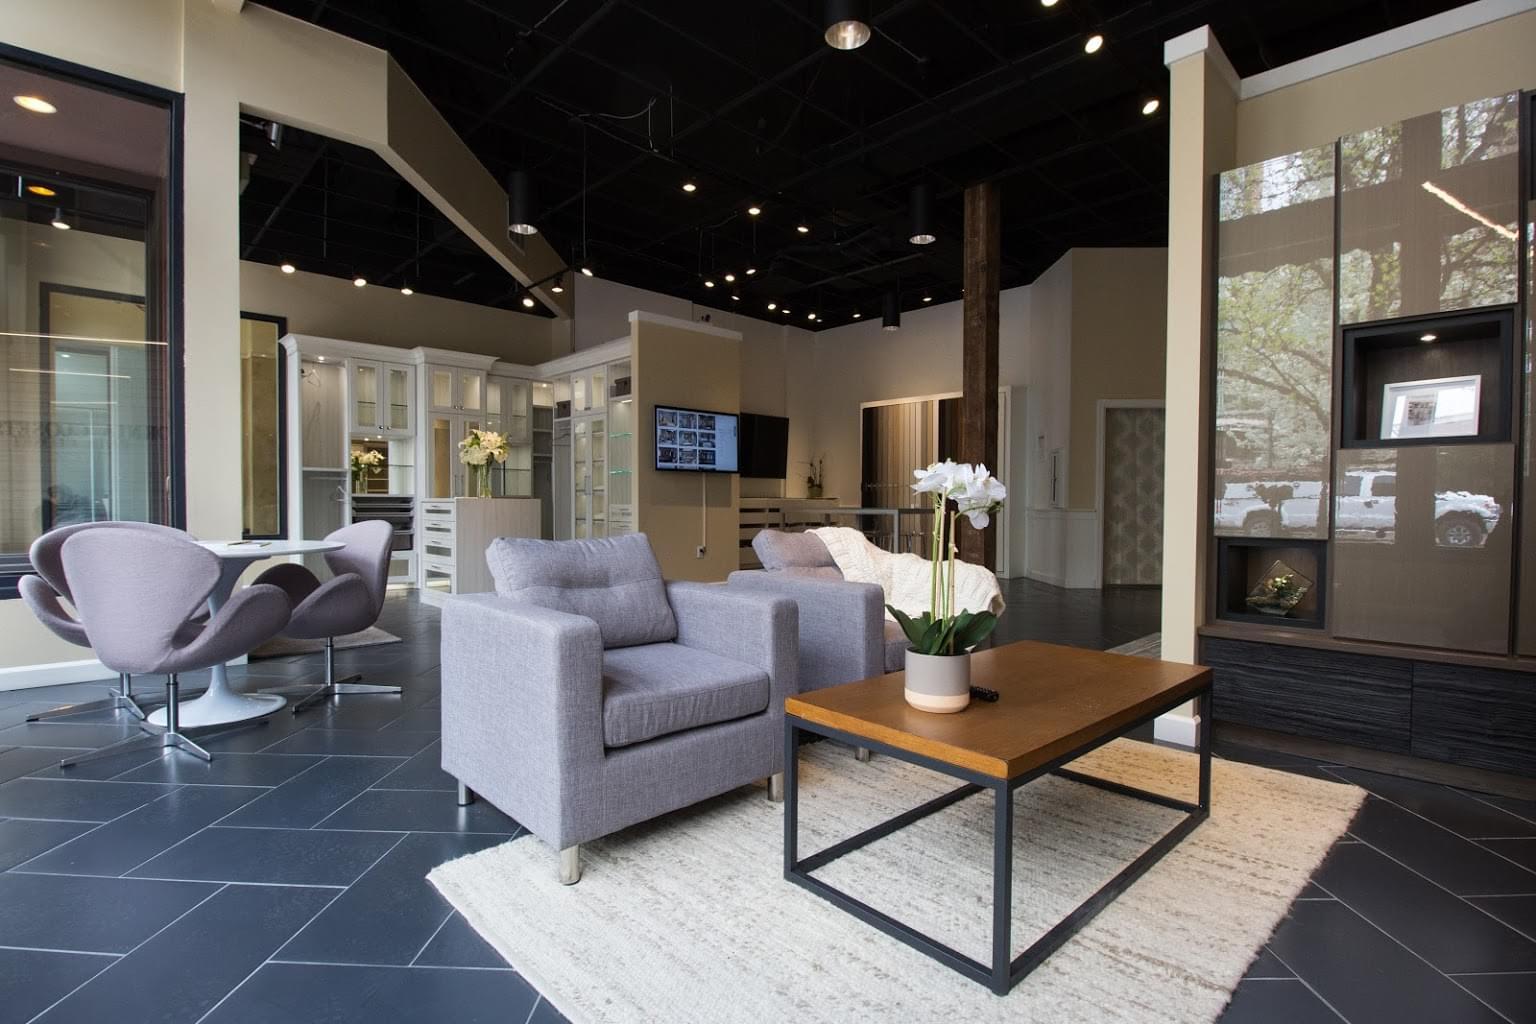 California Closets Interior designer in Boise, ID